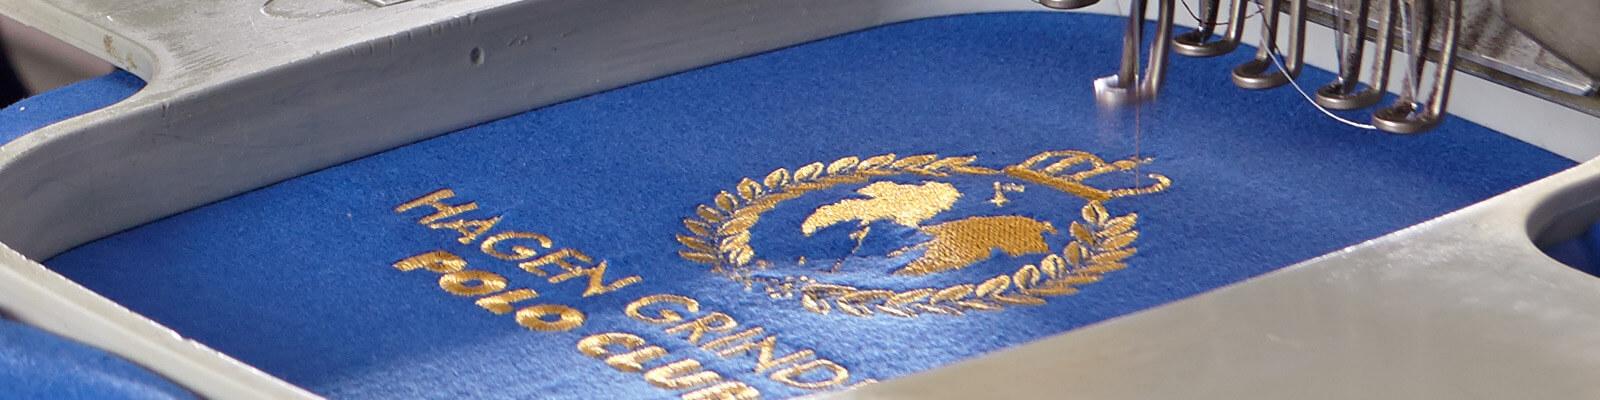 Hochwertige Stickerei auf Textilien